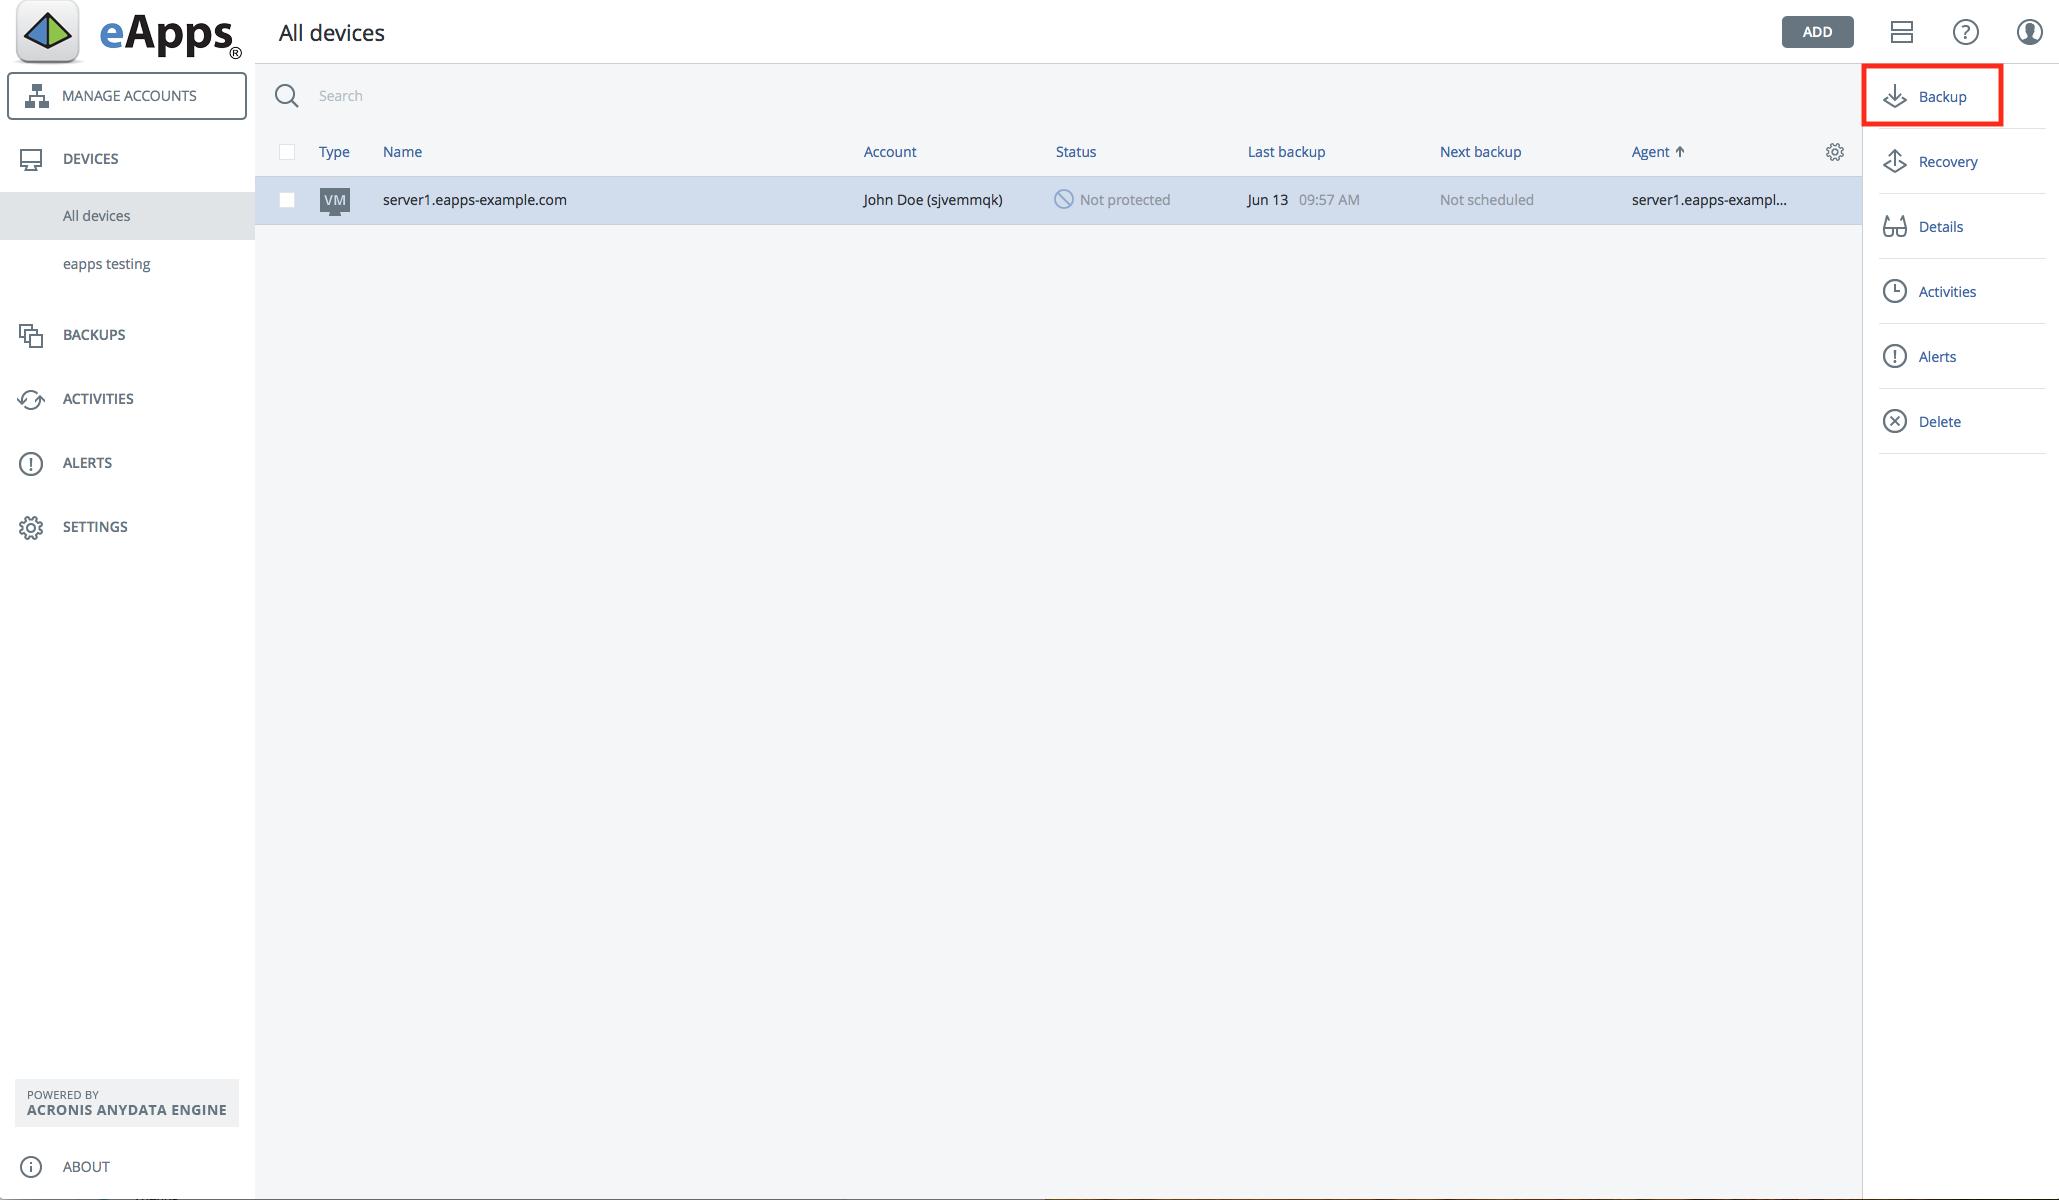 Acronis Backup Screen